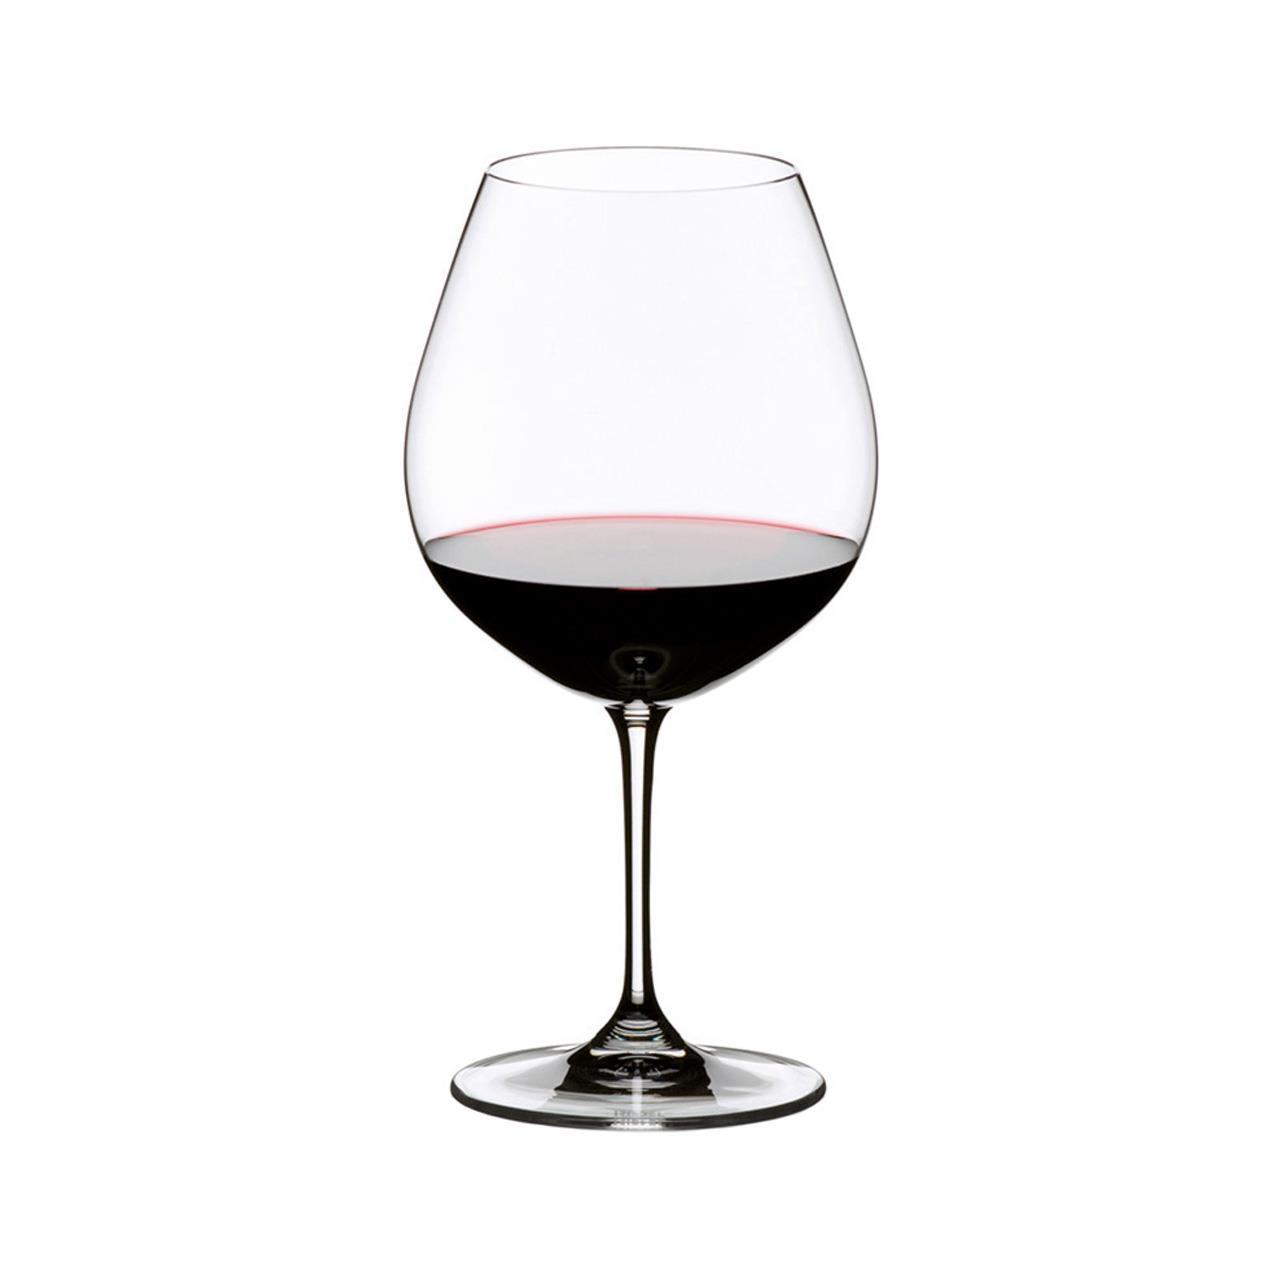 riedel vinum burgunderglas franzen d sseldorf onlineshop. Black Bedroom Furniture Sets. Home Design Ideas